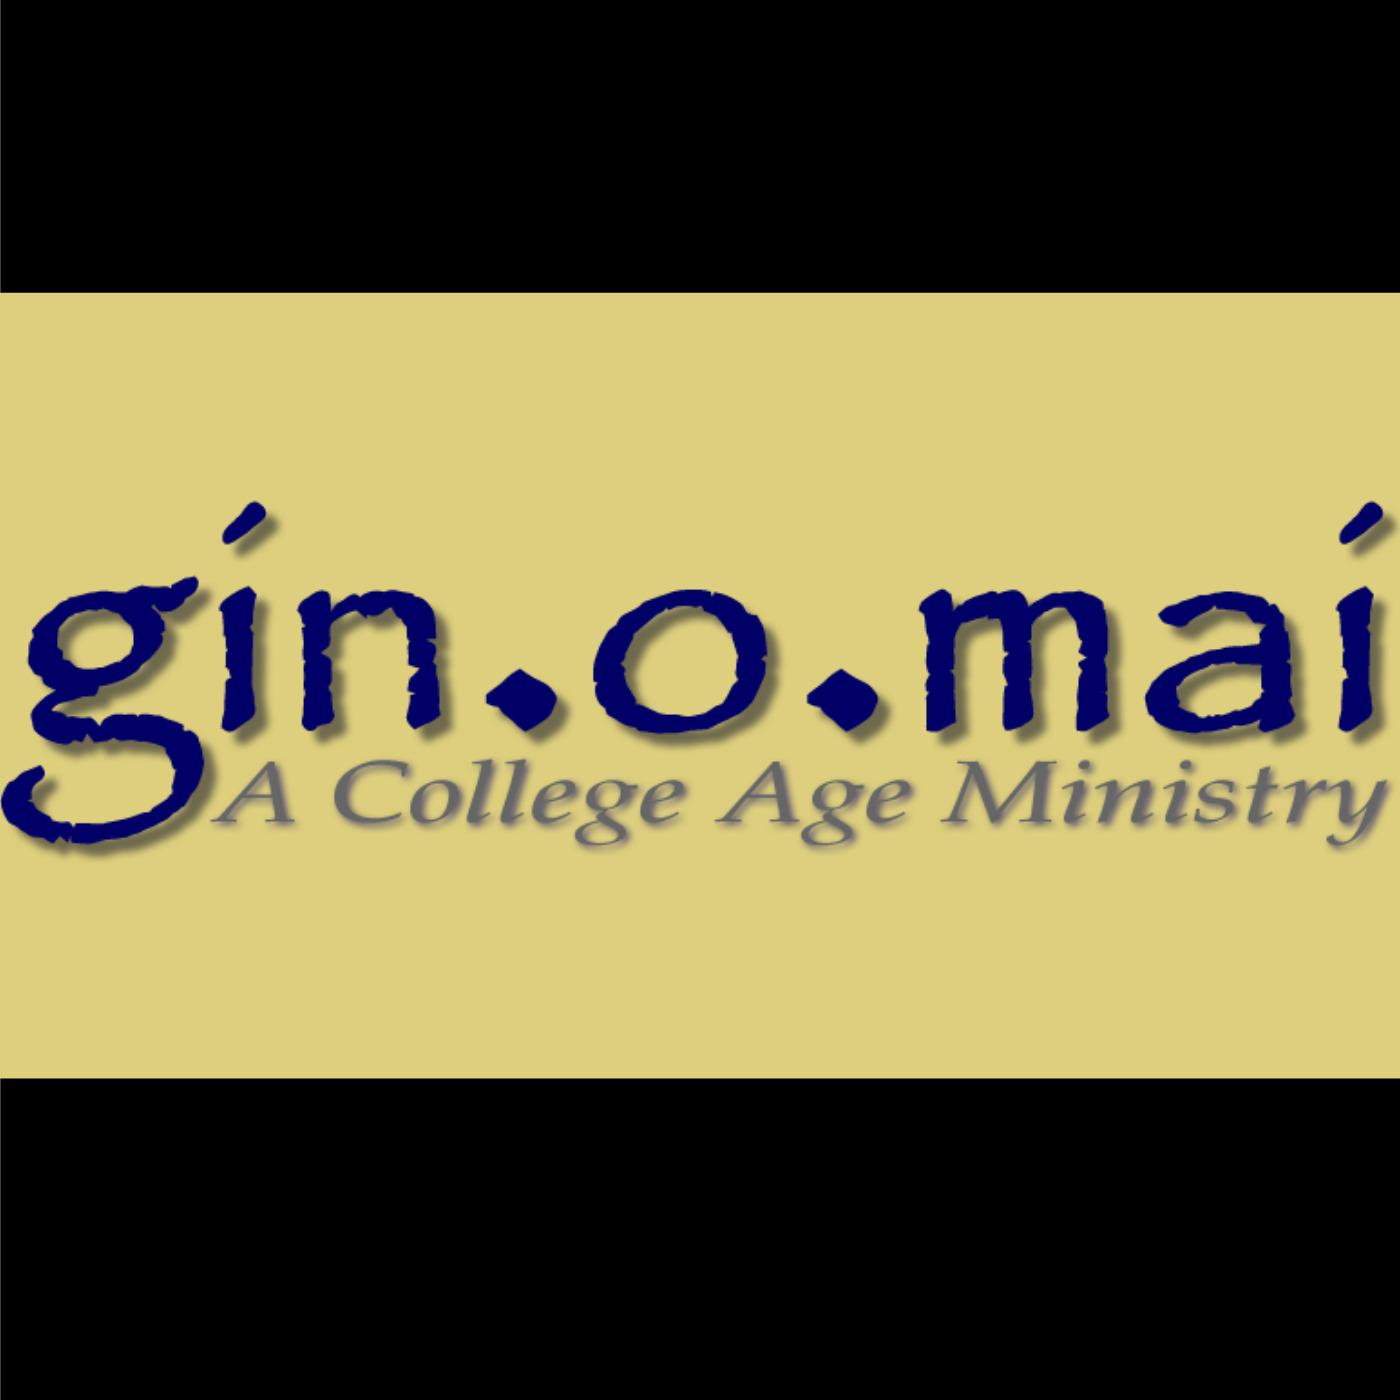 Ginomai